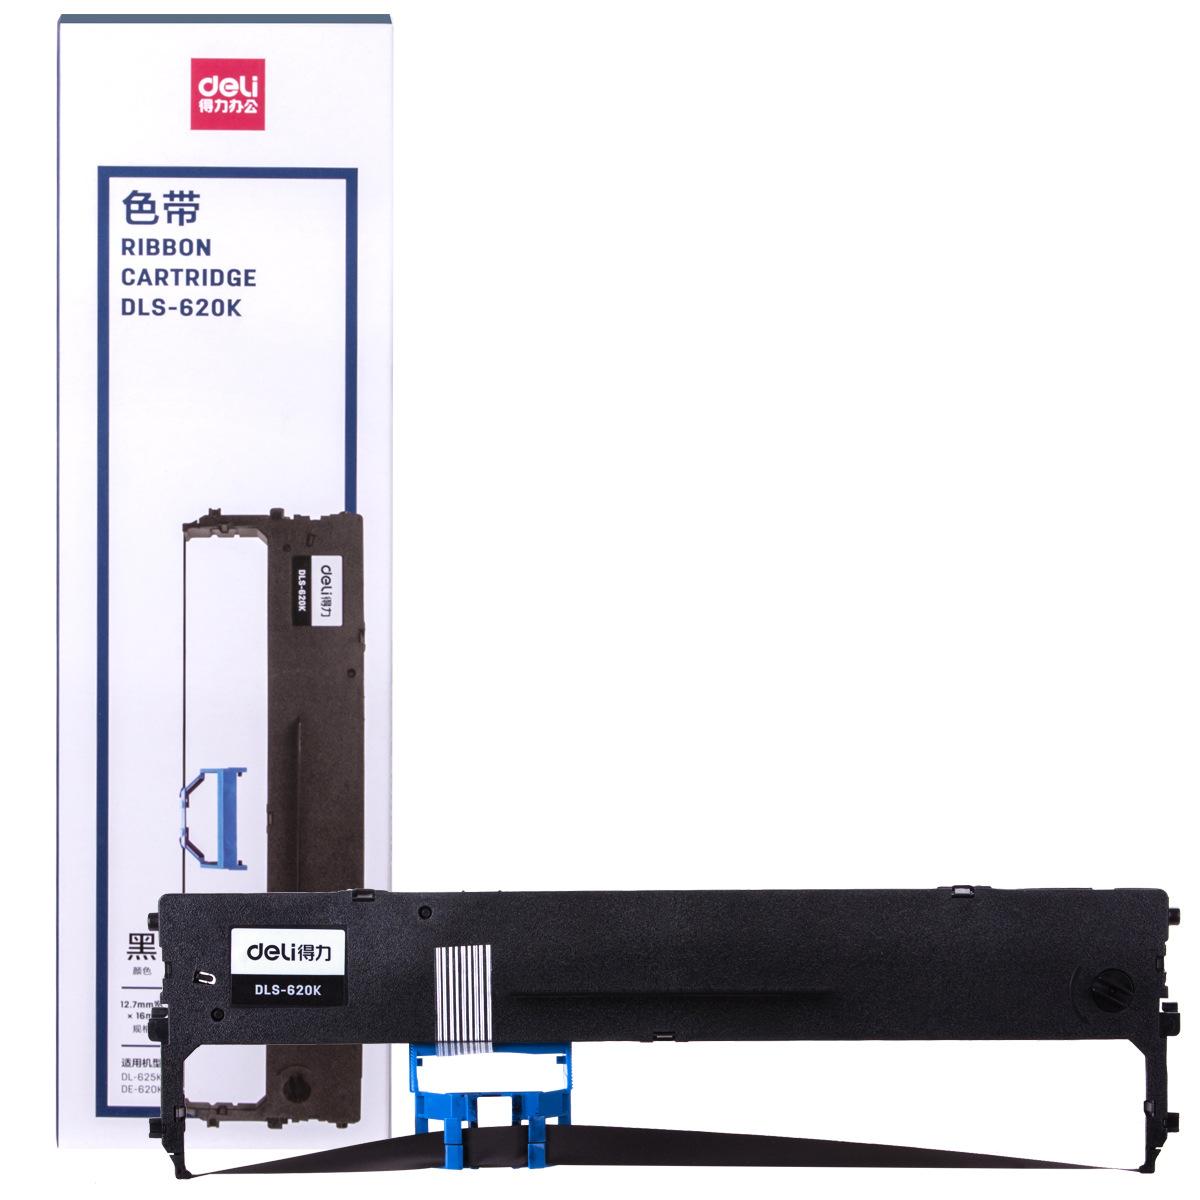 GEZHIGE Ruy băng Băng ruy băng DLS-620K cho DLS-620K / DLS-625K ruy băng gốc + lõi ruy băng